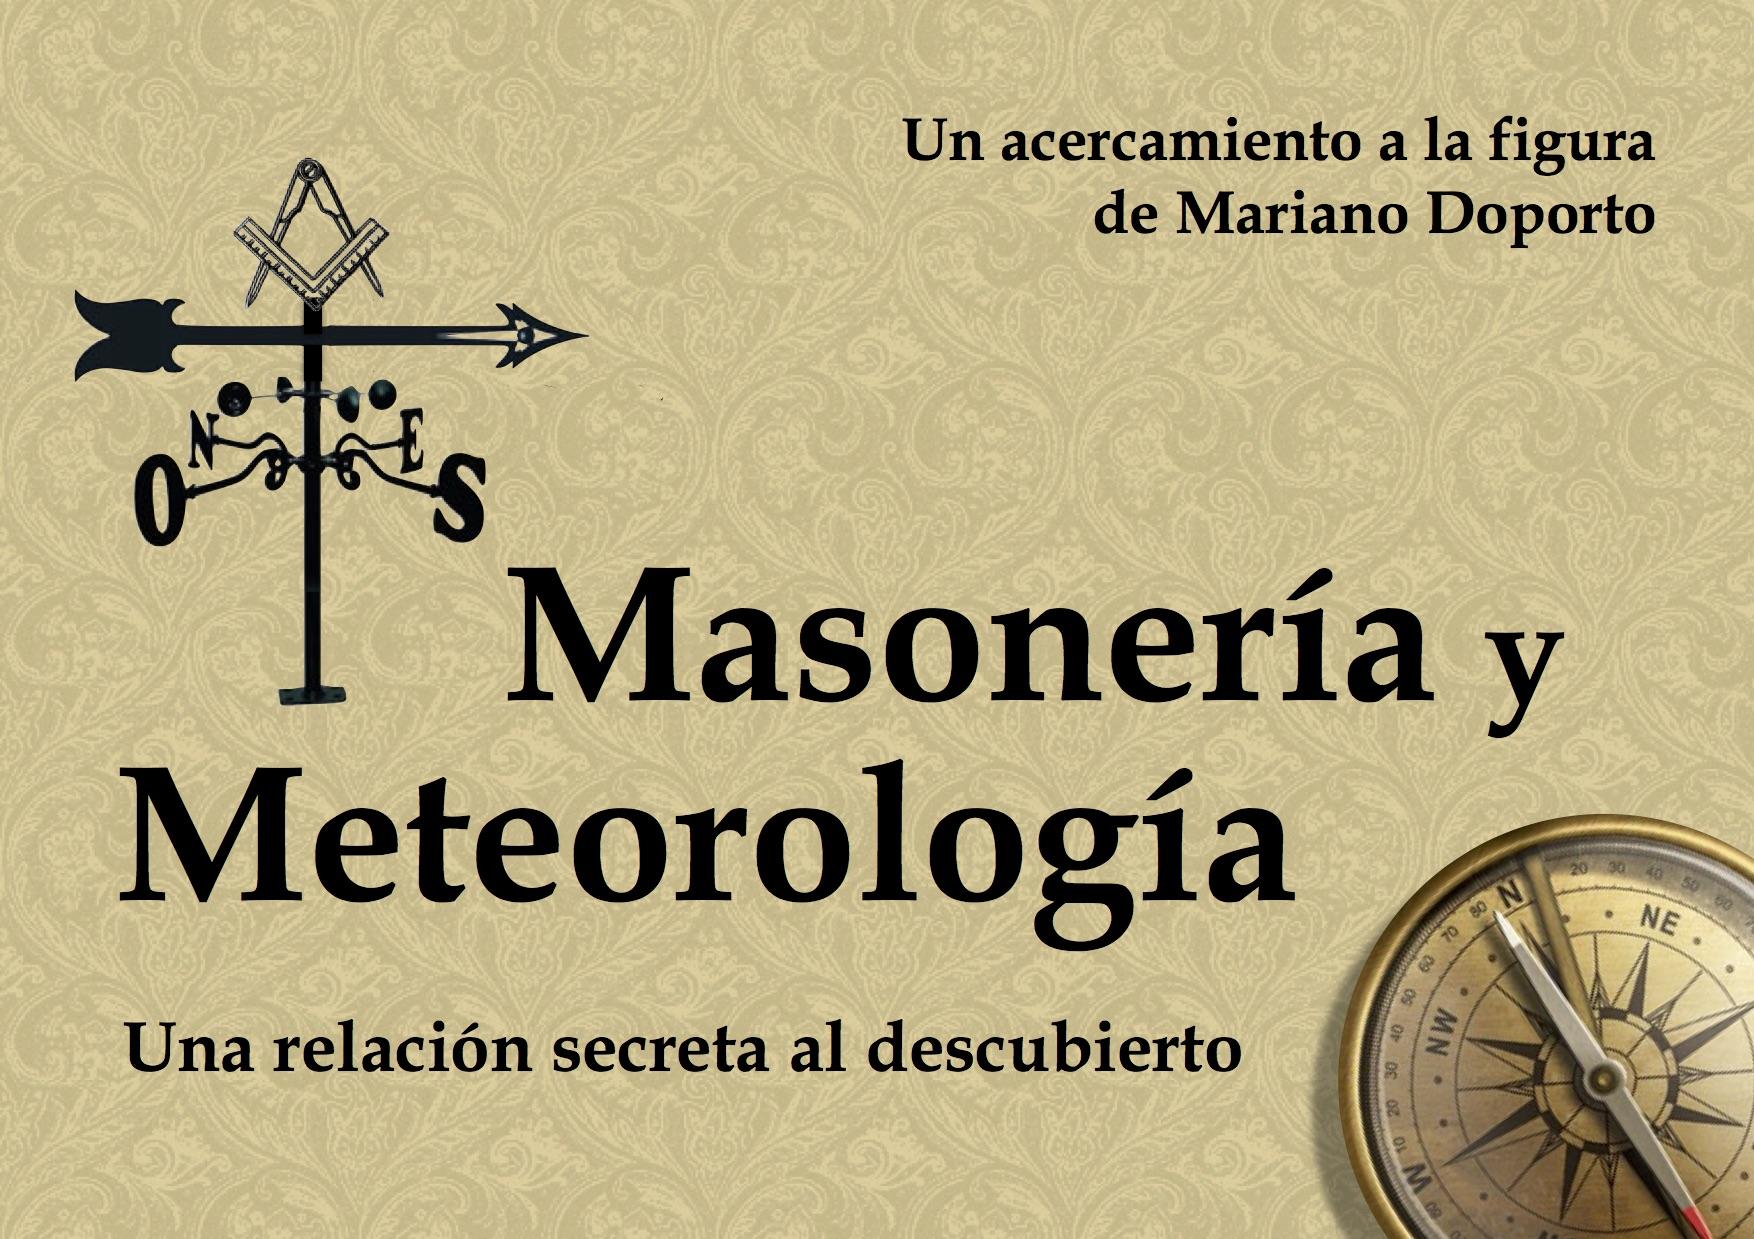 Masonería y Meteorología